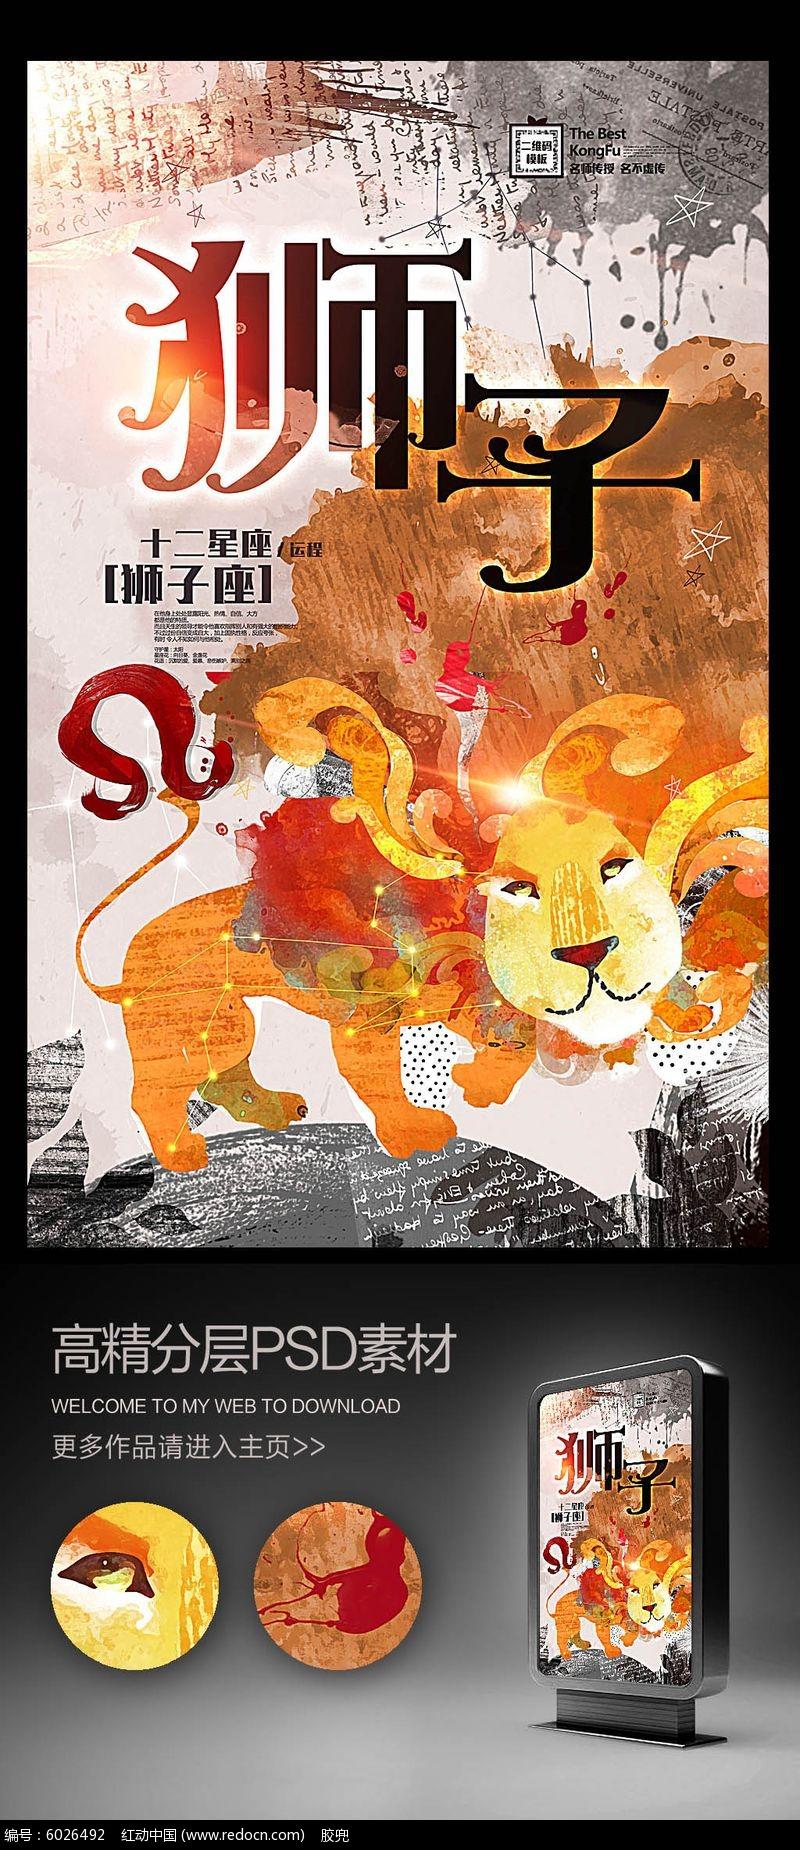 十二星座狮子座创意手绘图片psd素材下载